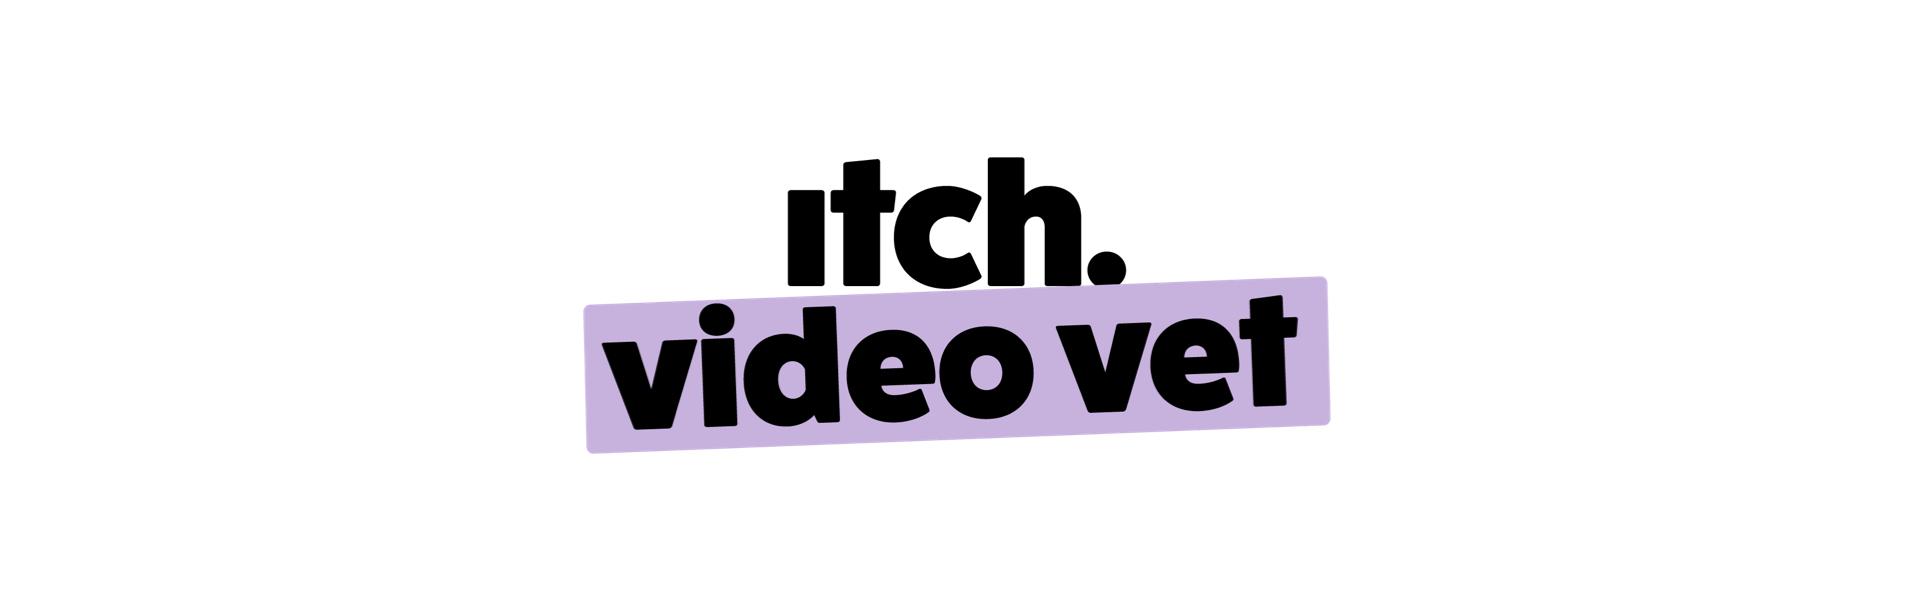 Itch New logo